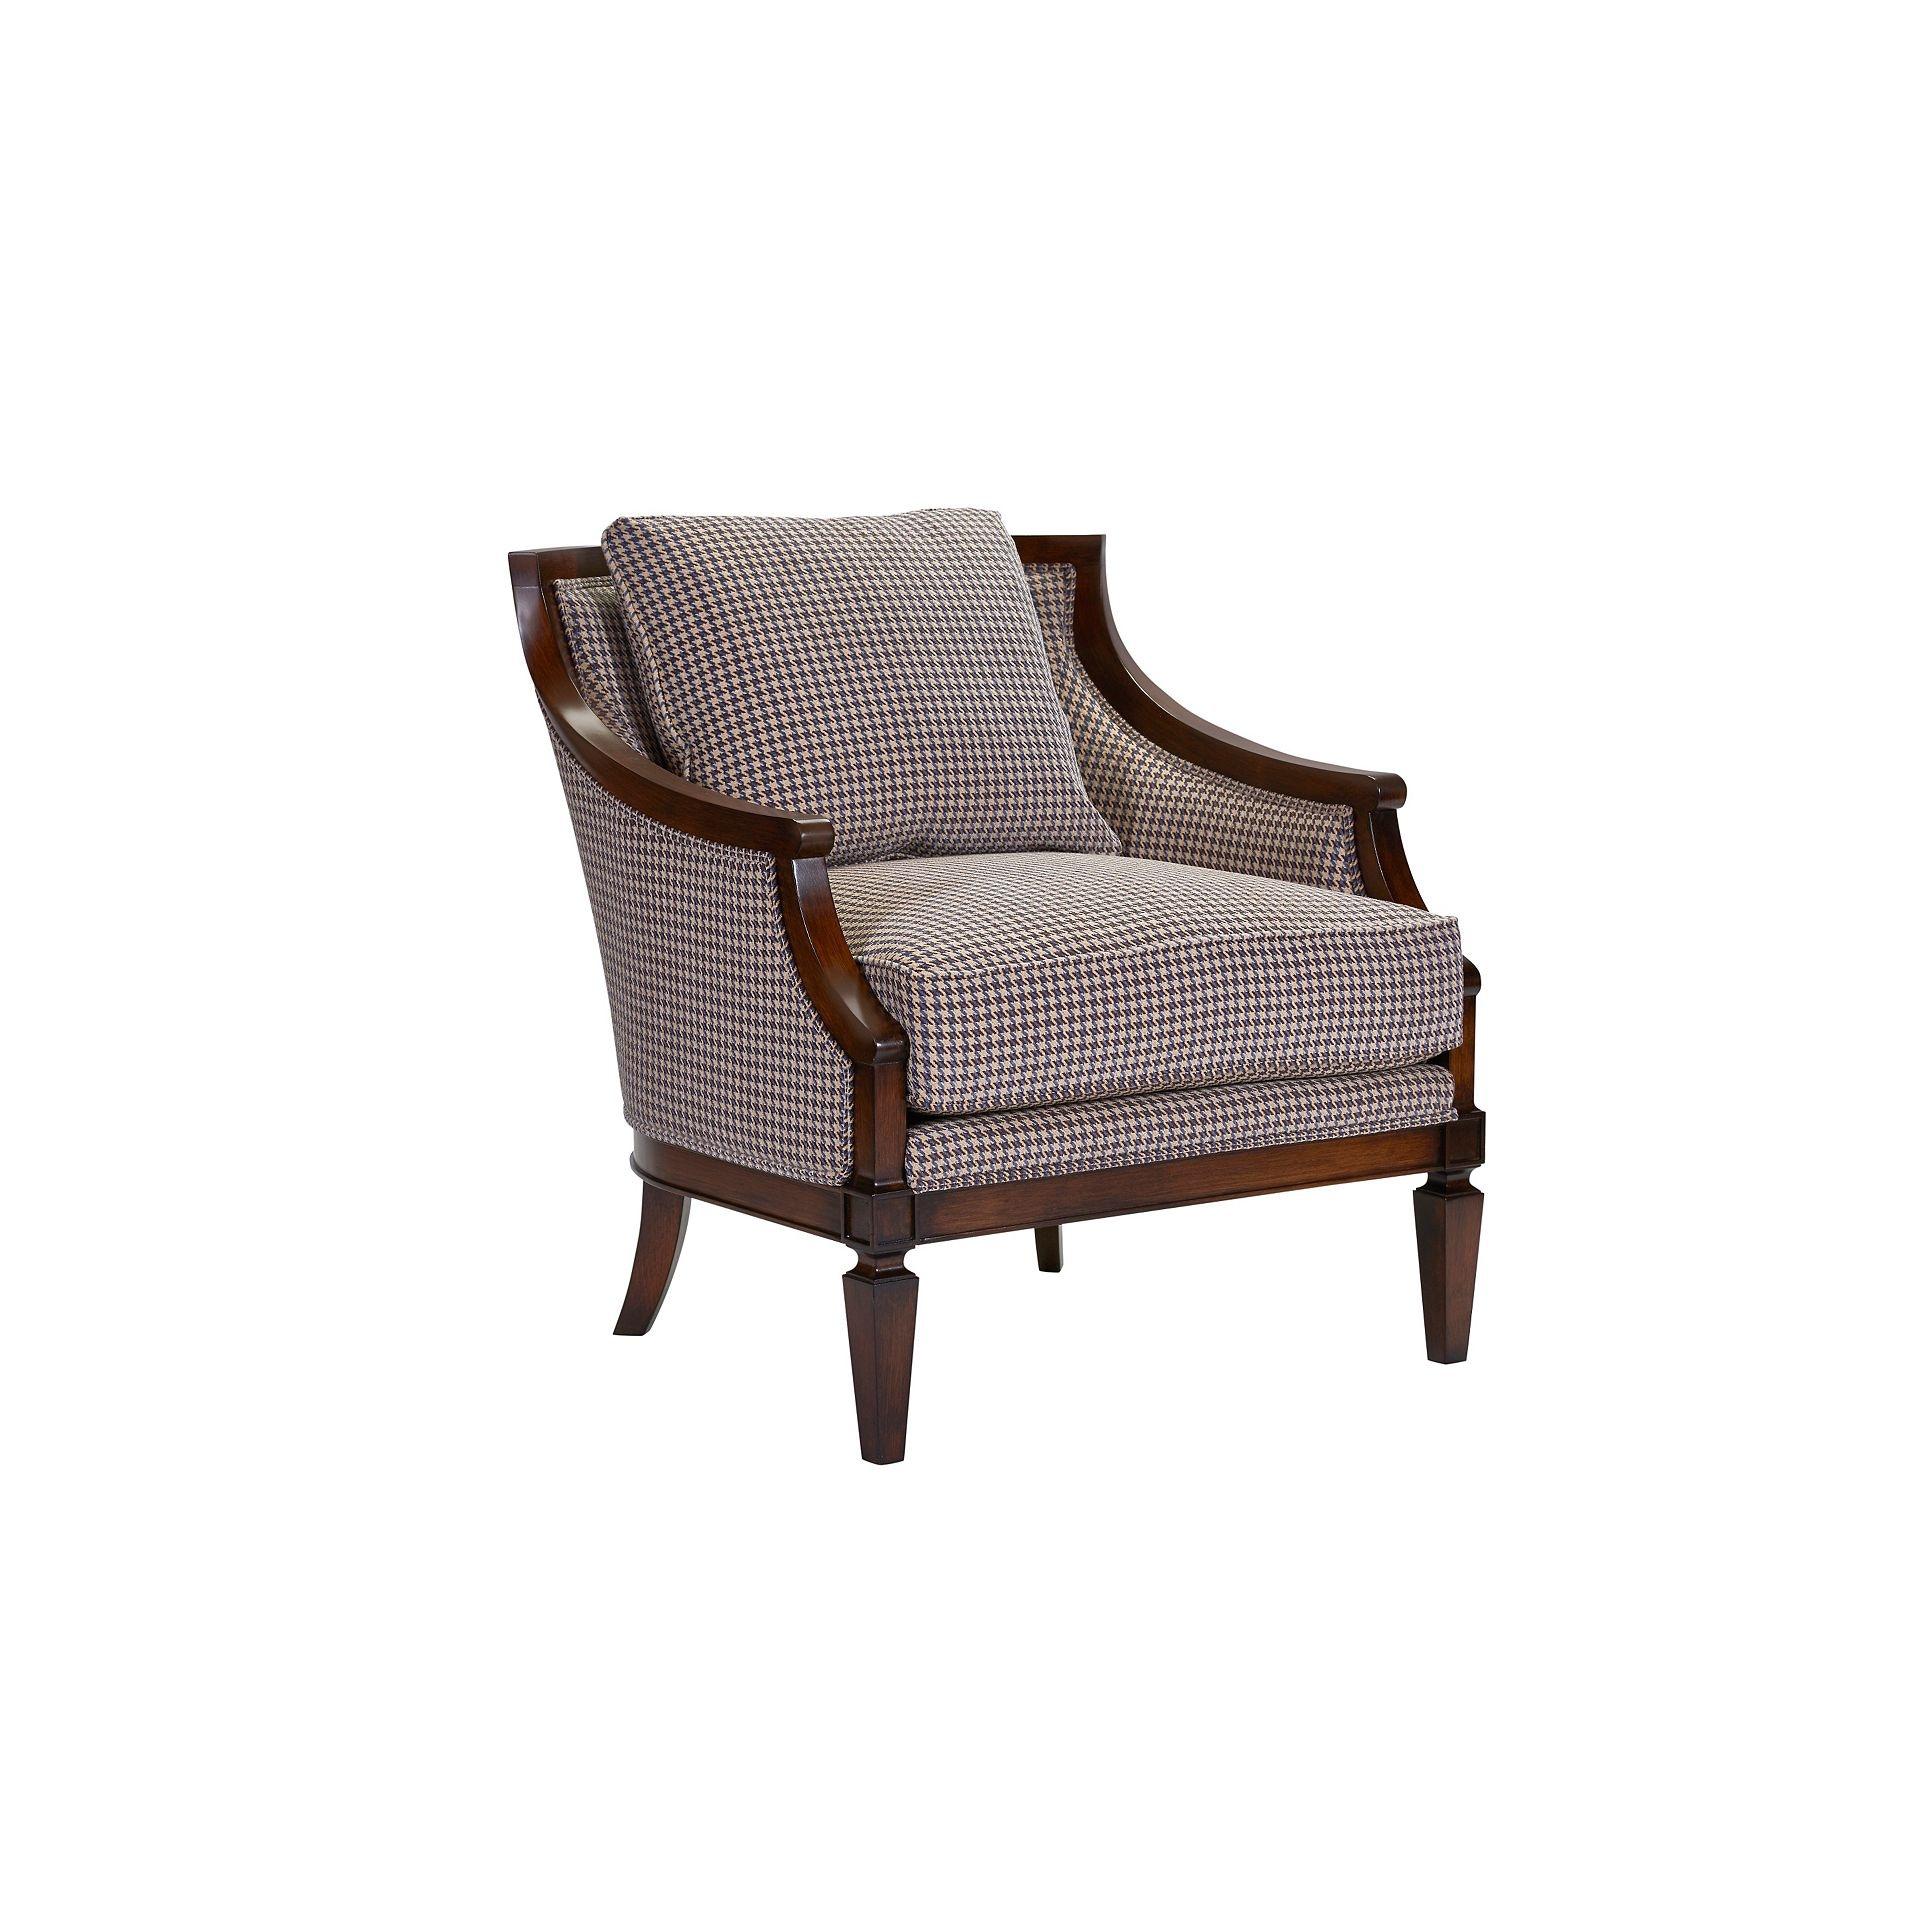 H1506. Henredon Upholstery Diane Chair